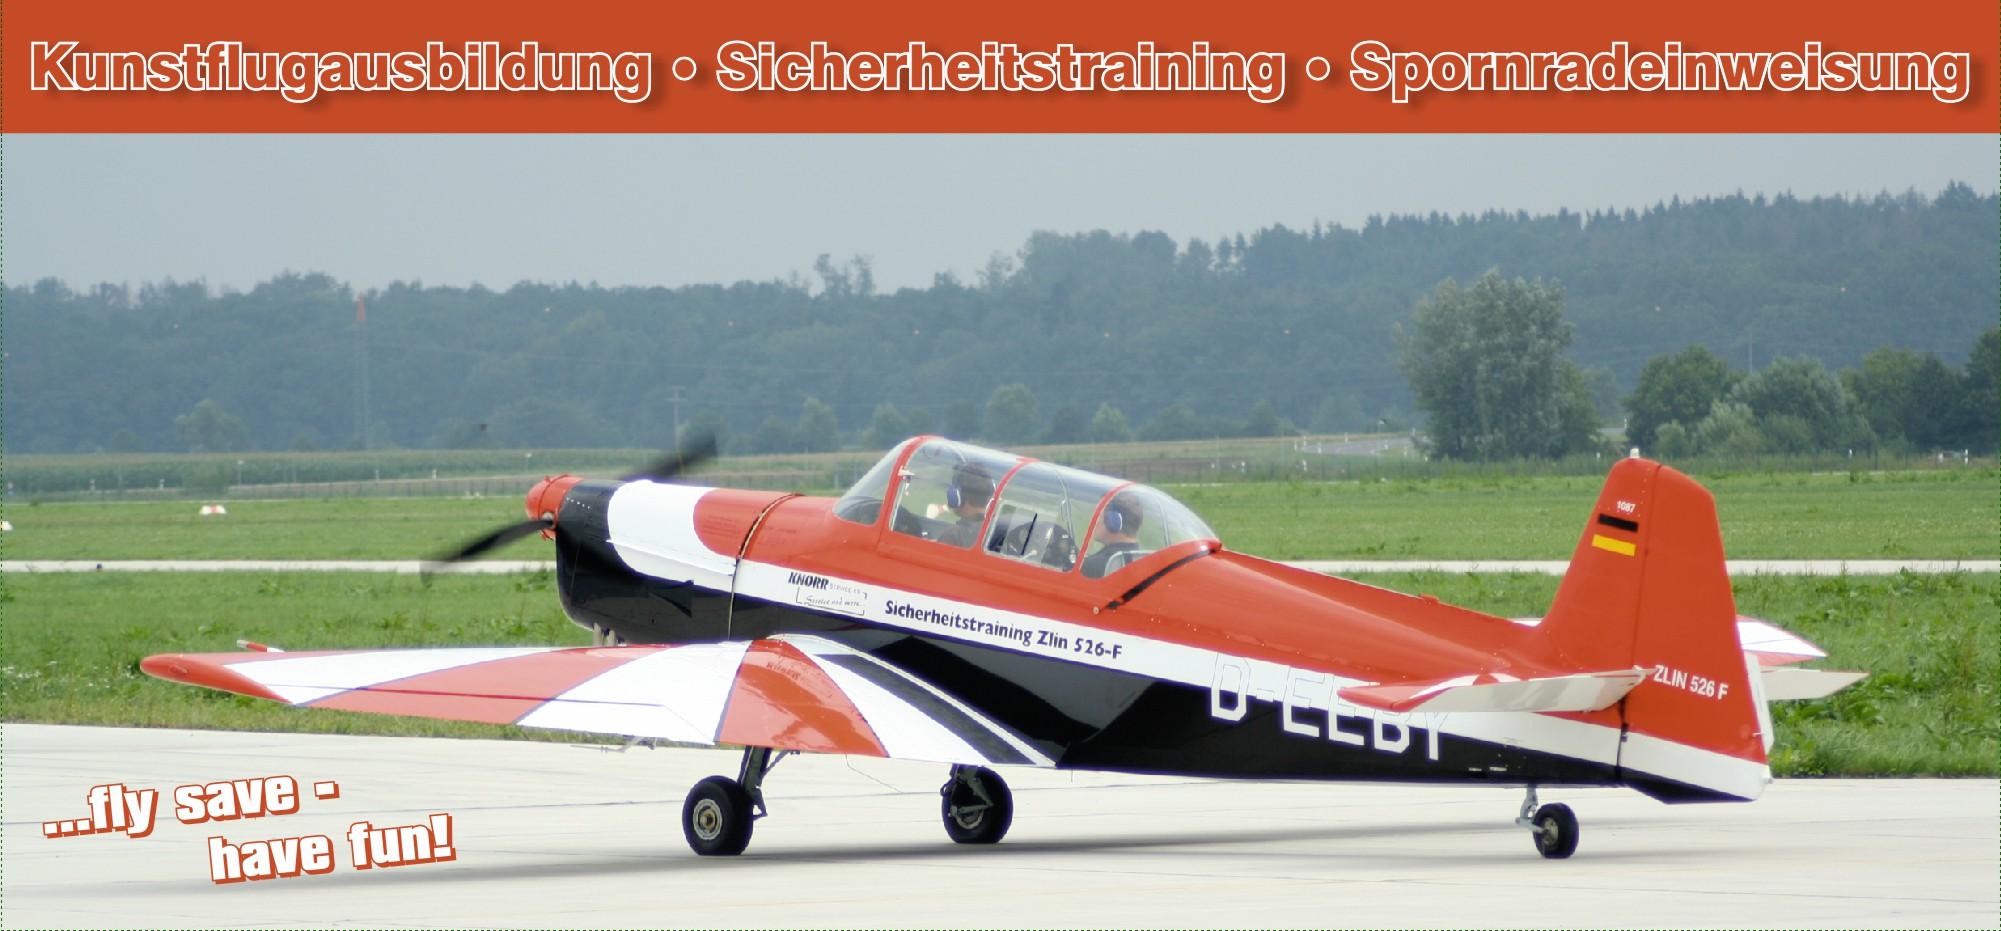 """Sicherheitstraining ist die """"Lebensversicherung"""" für jeden Piloten!"""